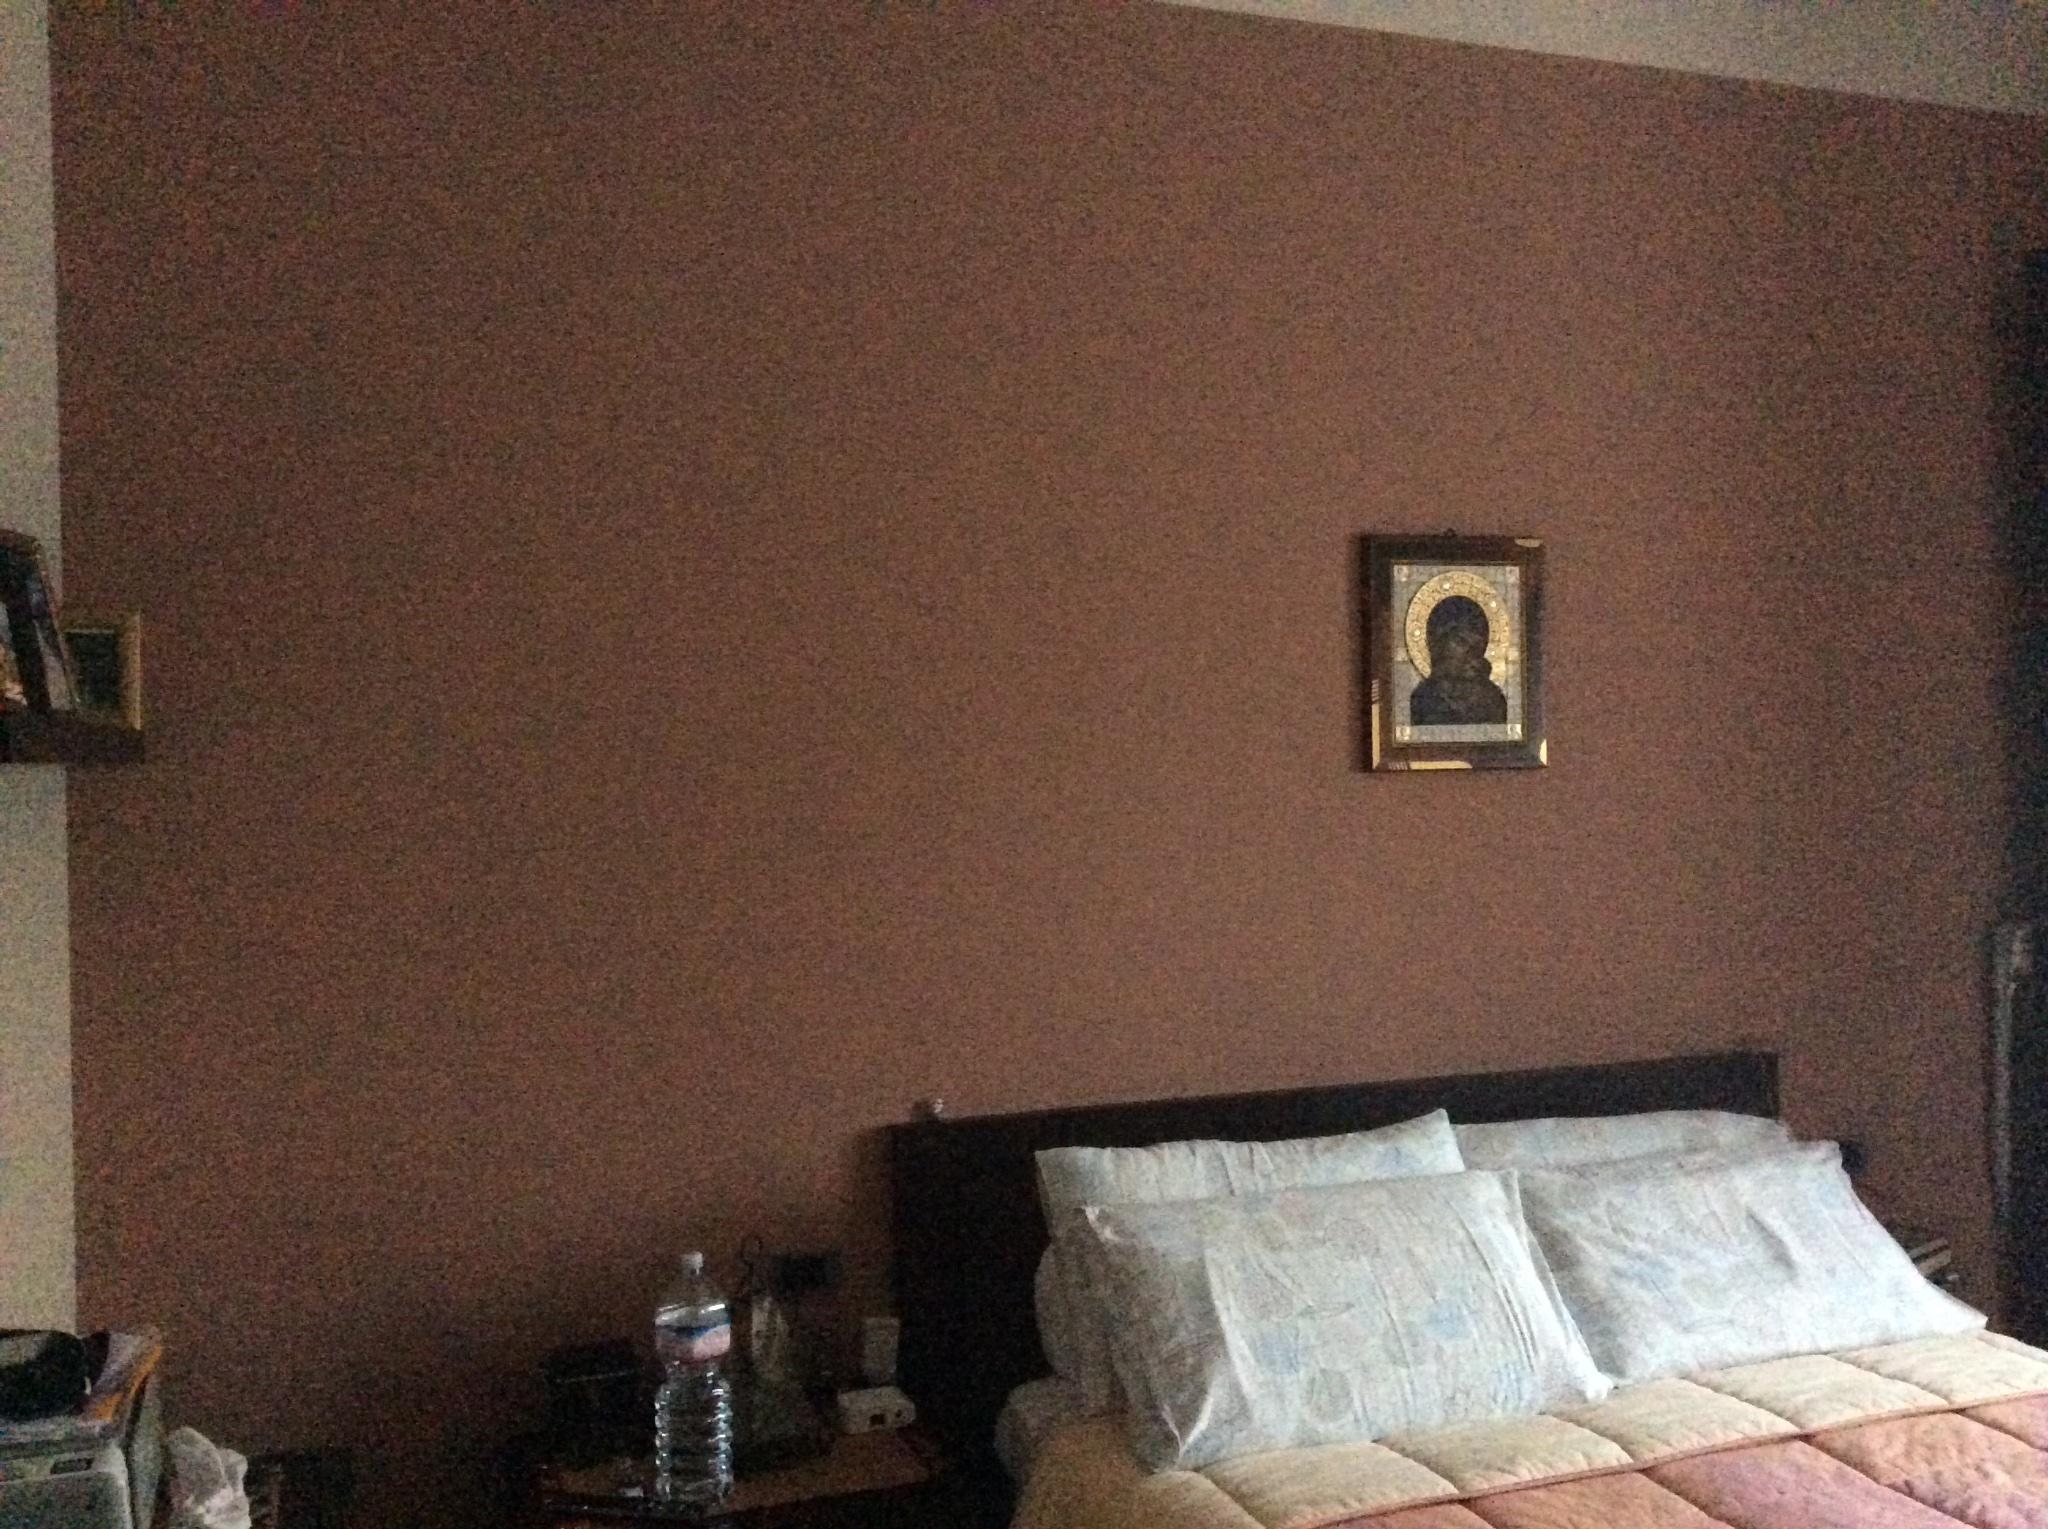 Costruzione armadio ,mensole,su parete , sopra letto matrimoniale ...